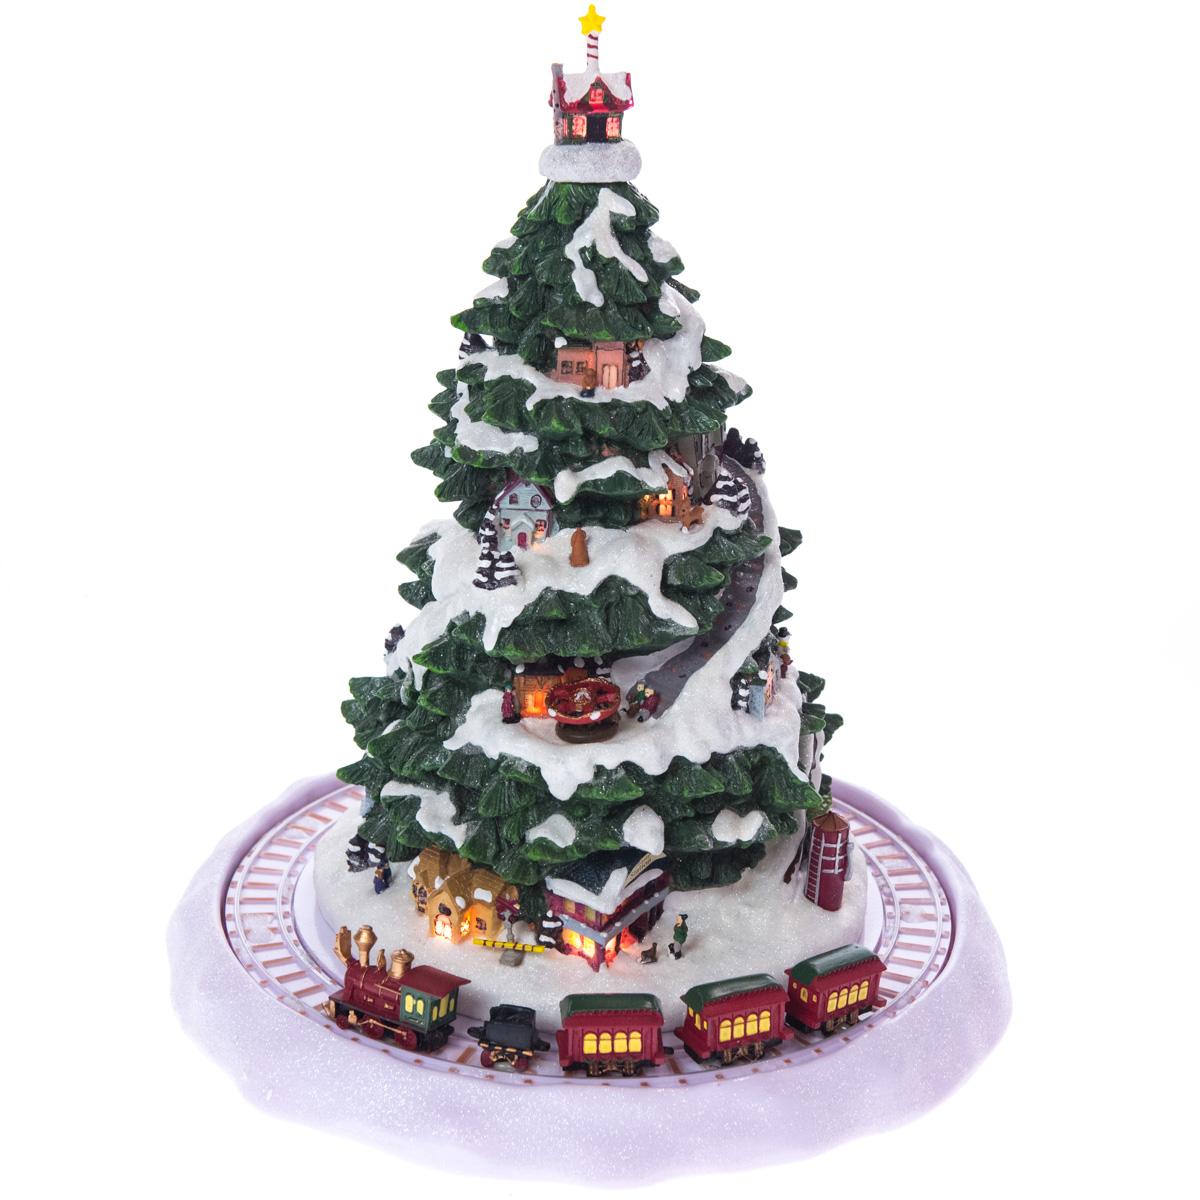 shop.crackerbarrel.com: Christmas Eve Express Light-Up Musical Decor ...